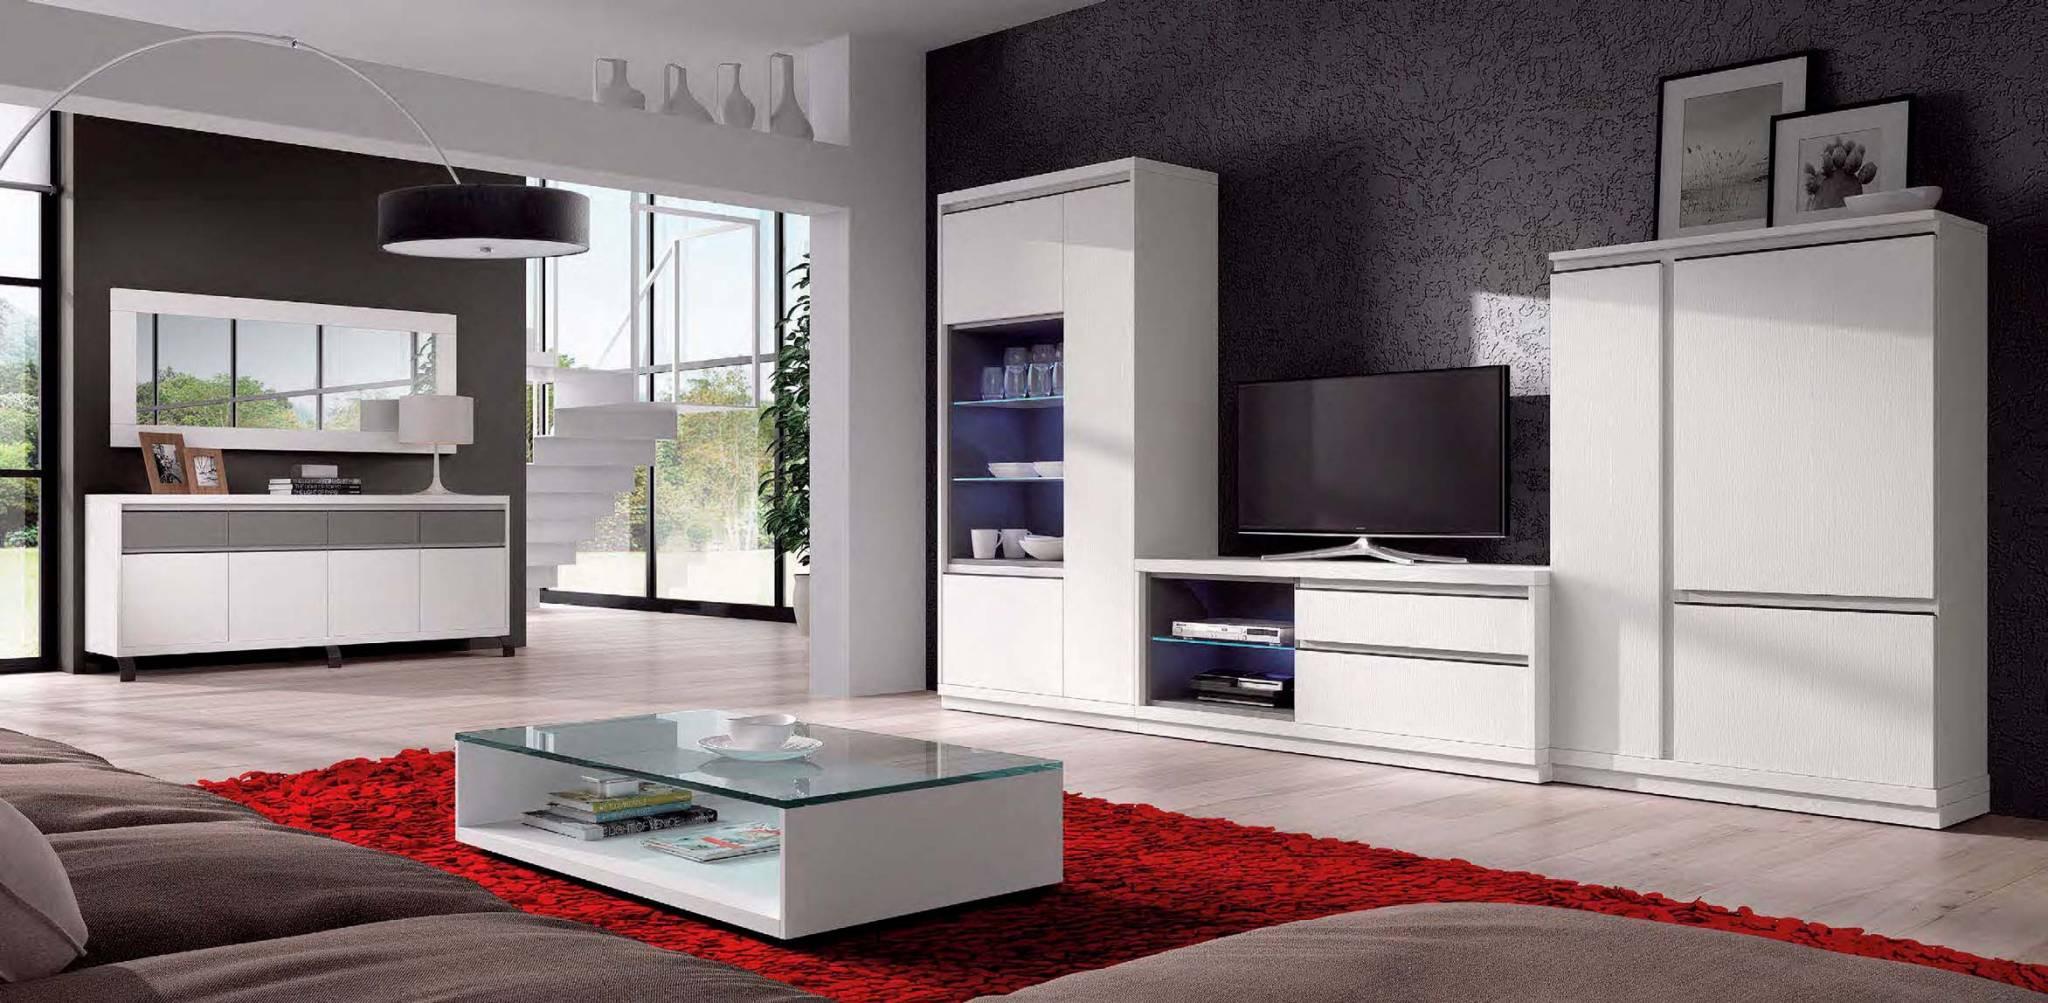 Sal n moderno villafre muebles d azmuebles d az - Colores de salones modernos ...